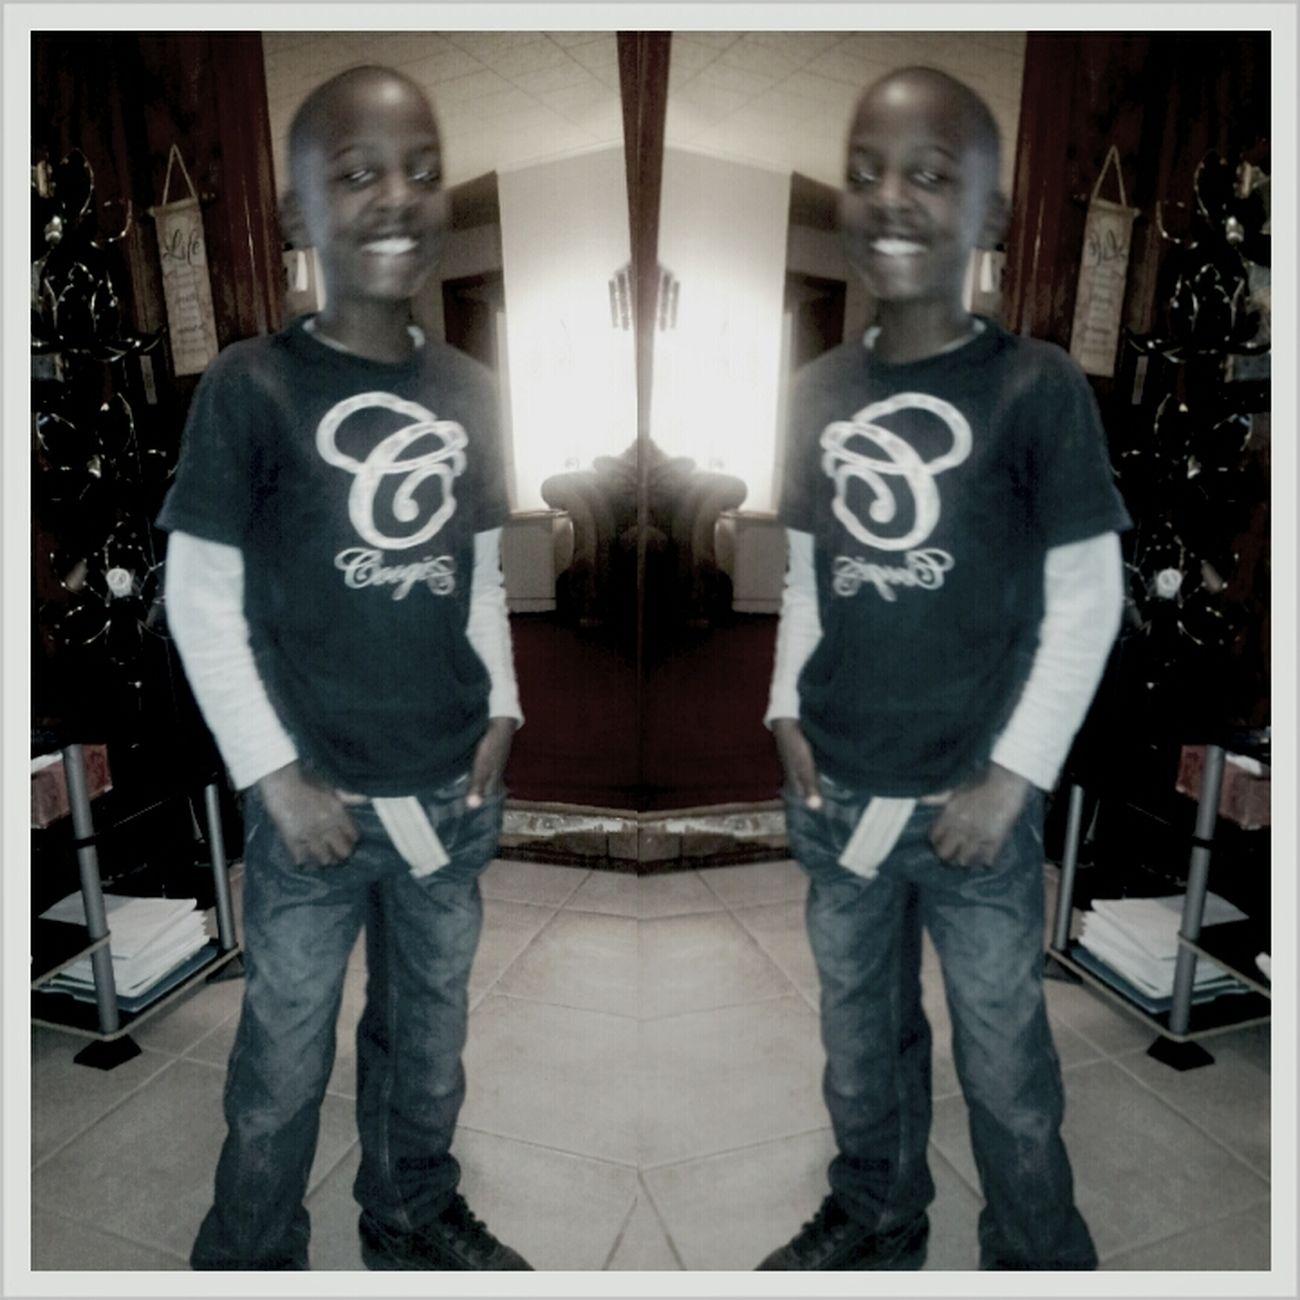 My Lil Bro